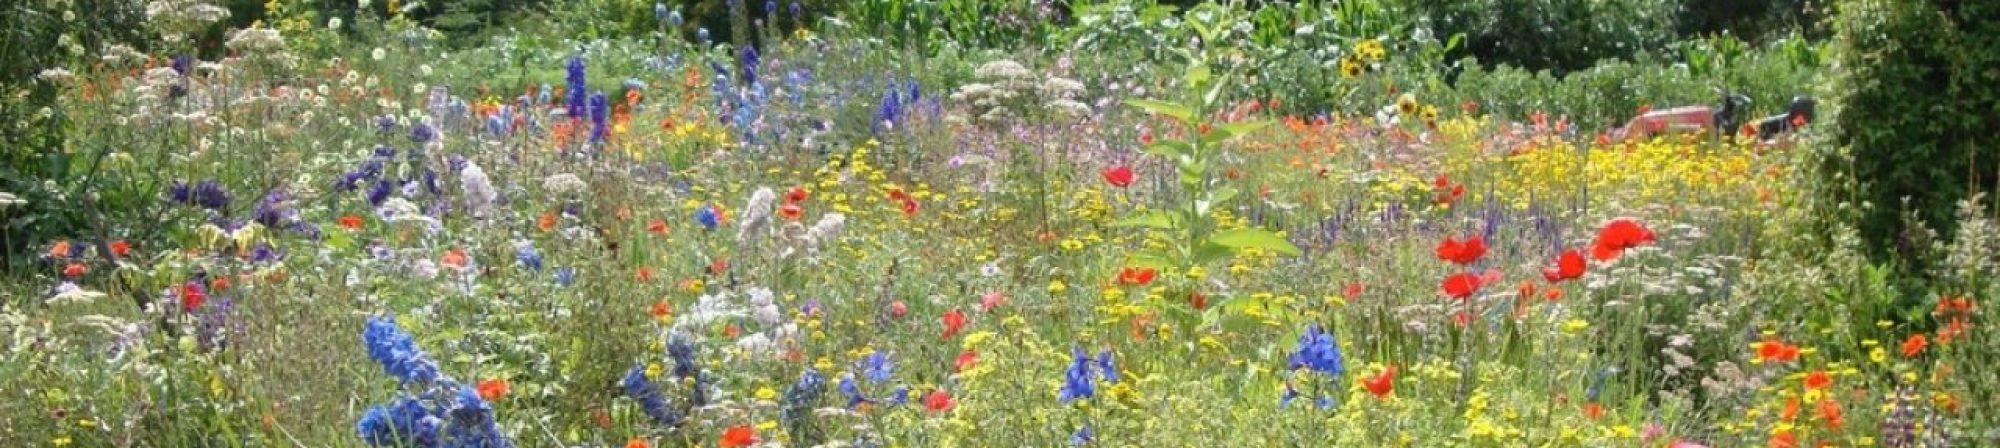 Strathcona County Garden Club